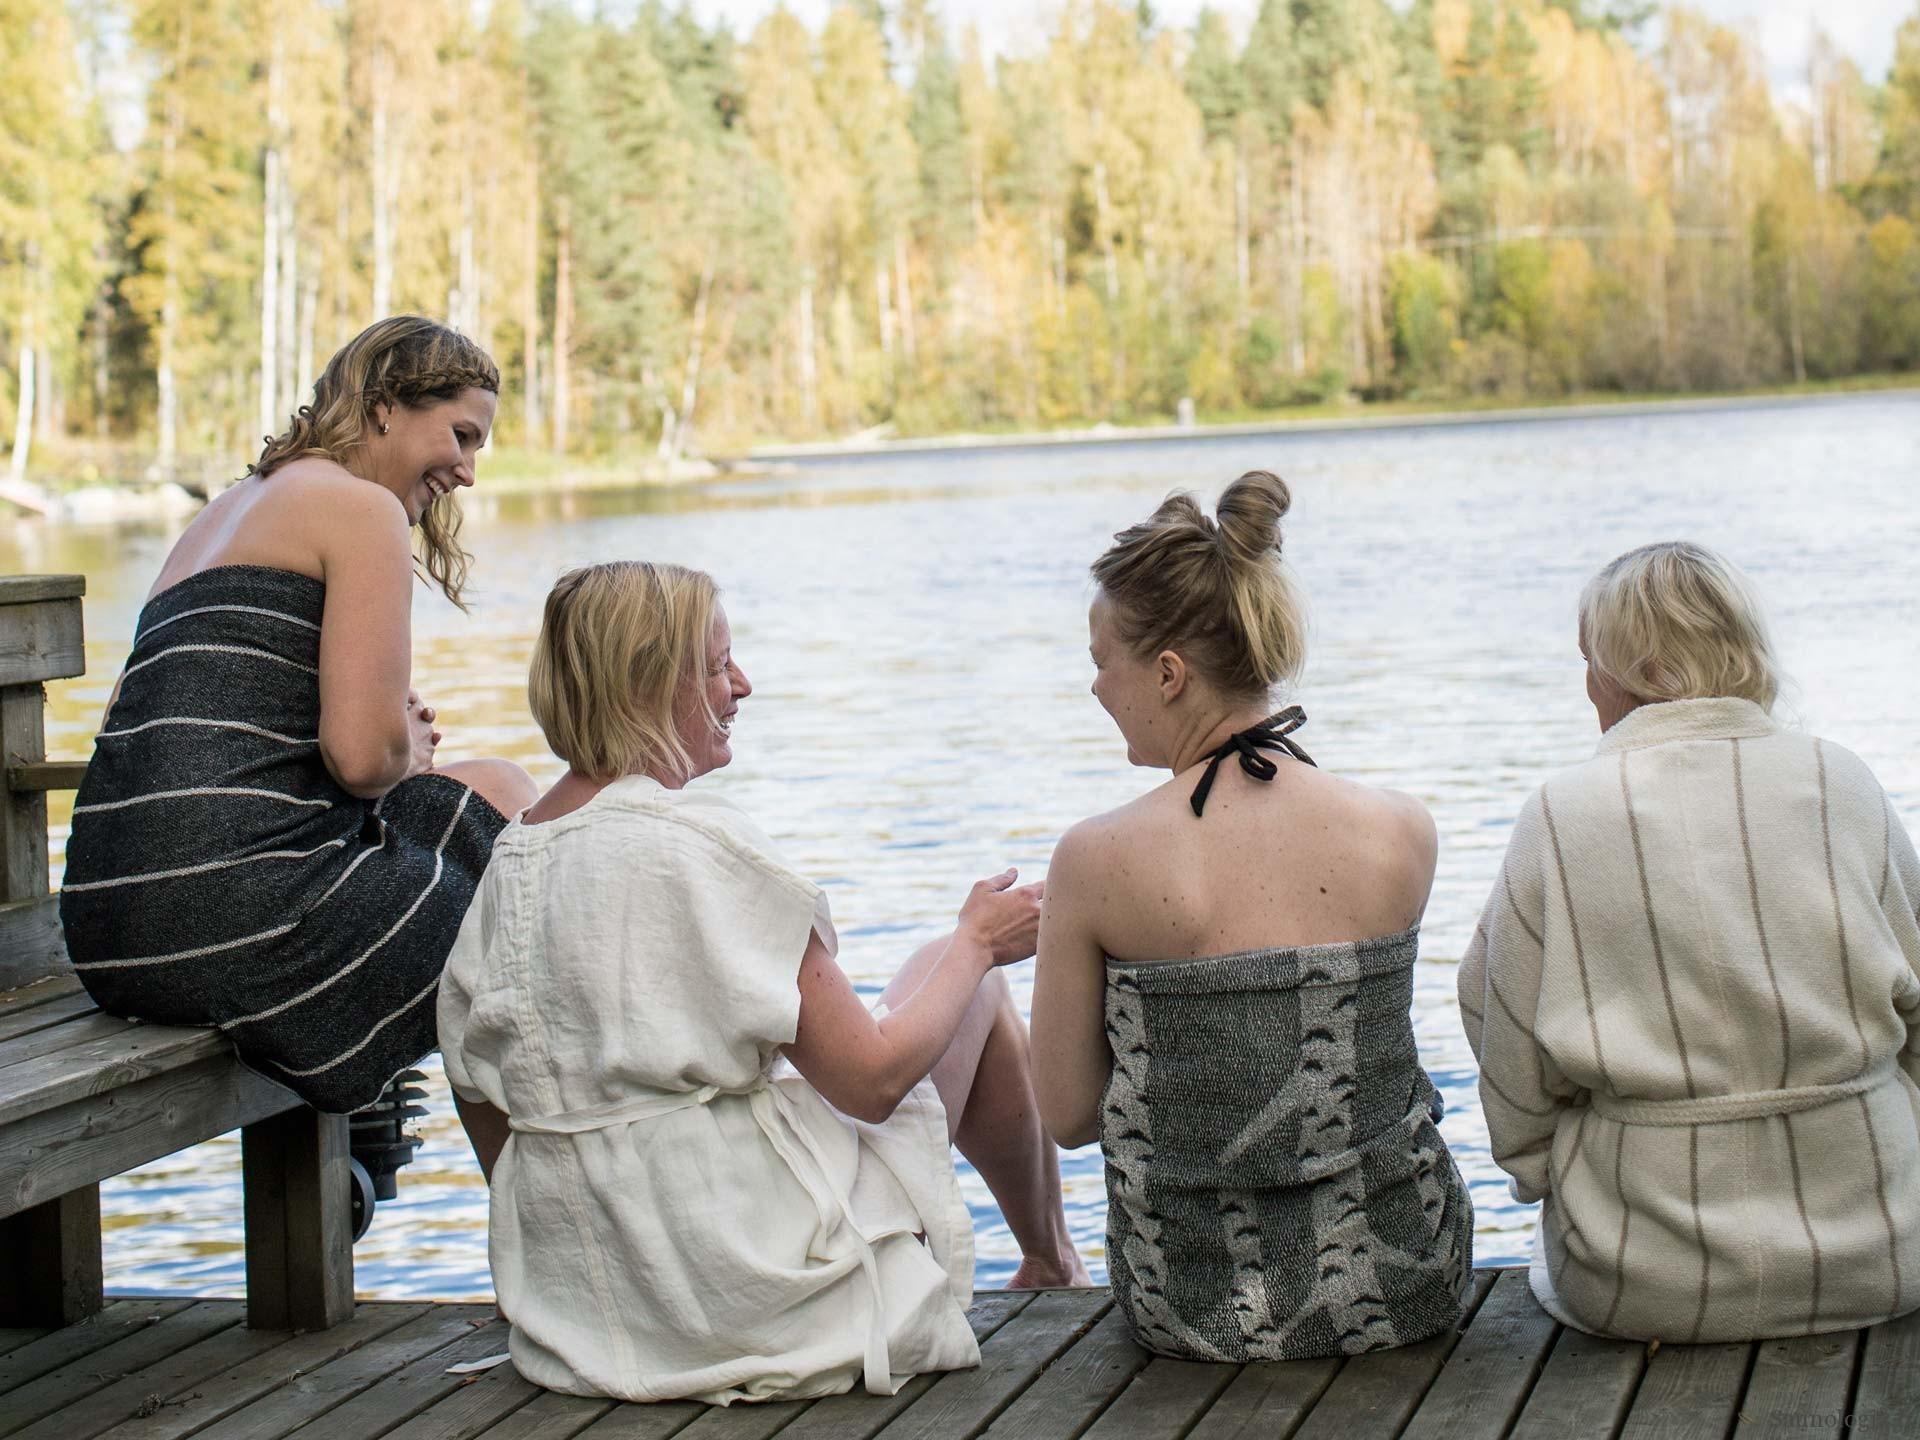 Suomalaisten monimutkainen saunarituaali kokemuskartalla